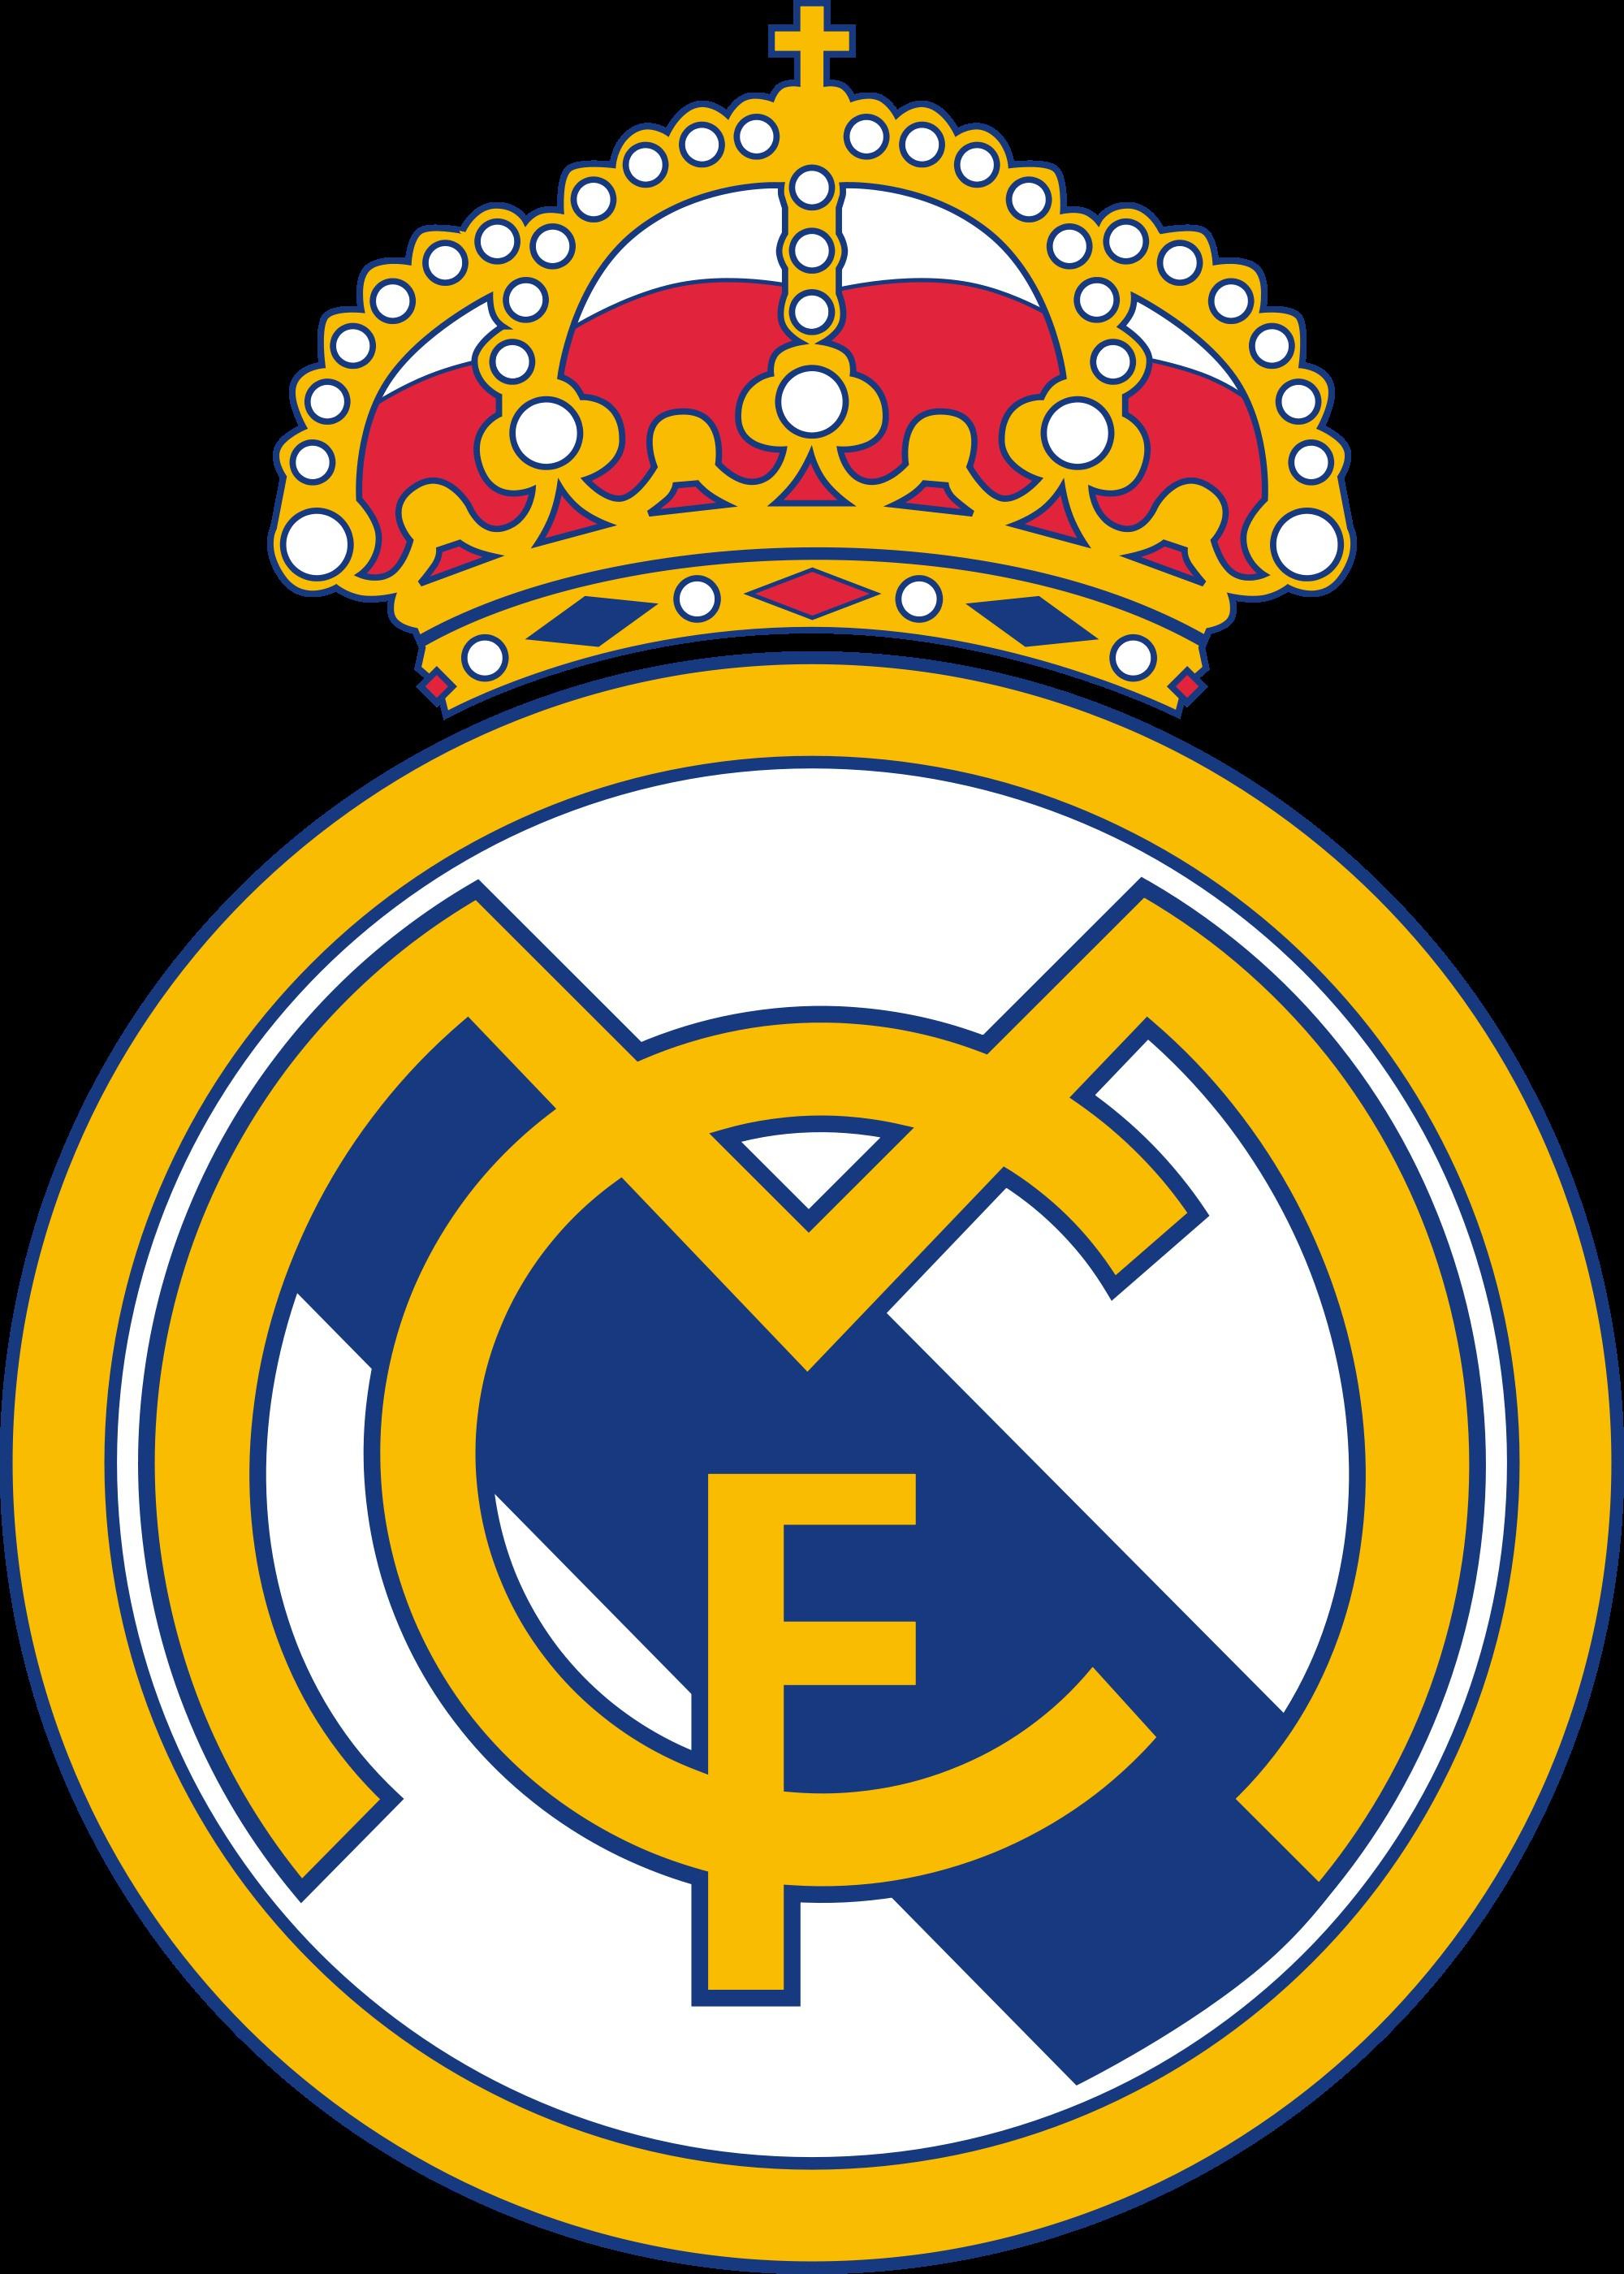 Equipos De Futbol Europeos Real De Madrid Futbol Espa±ol Logos De Futbol